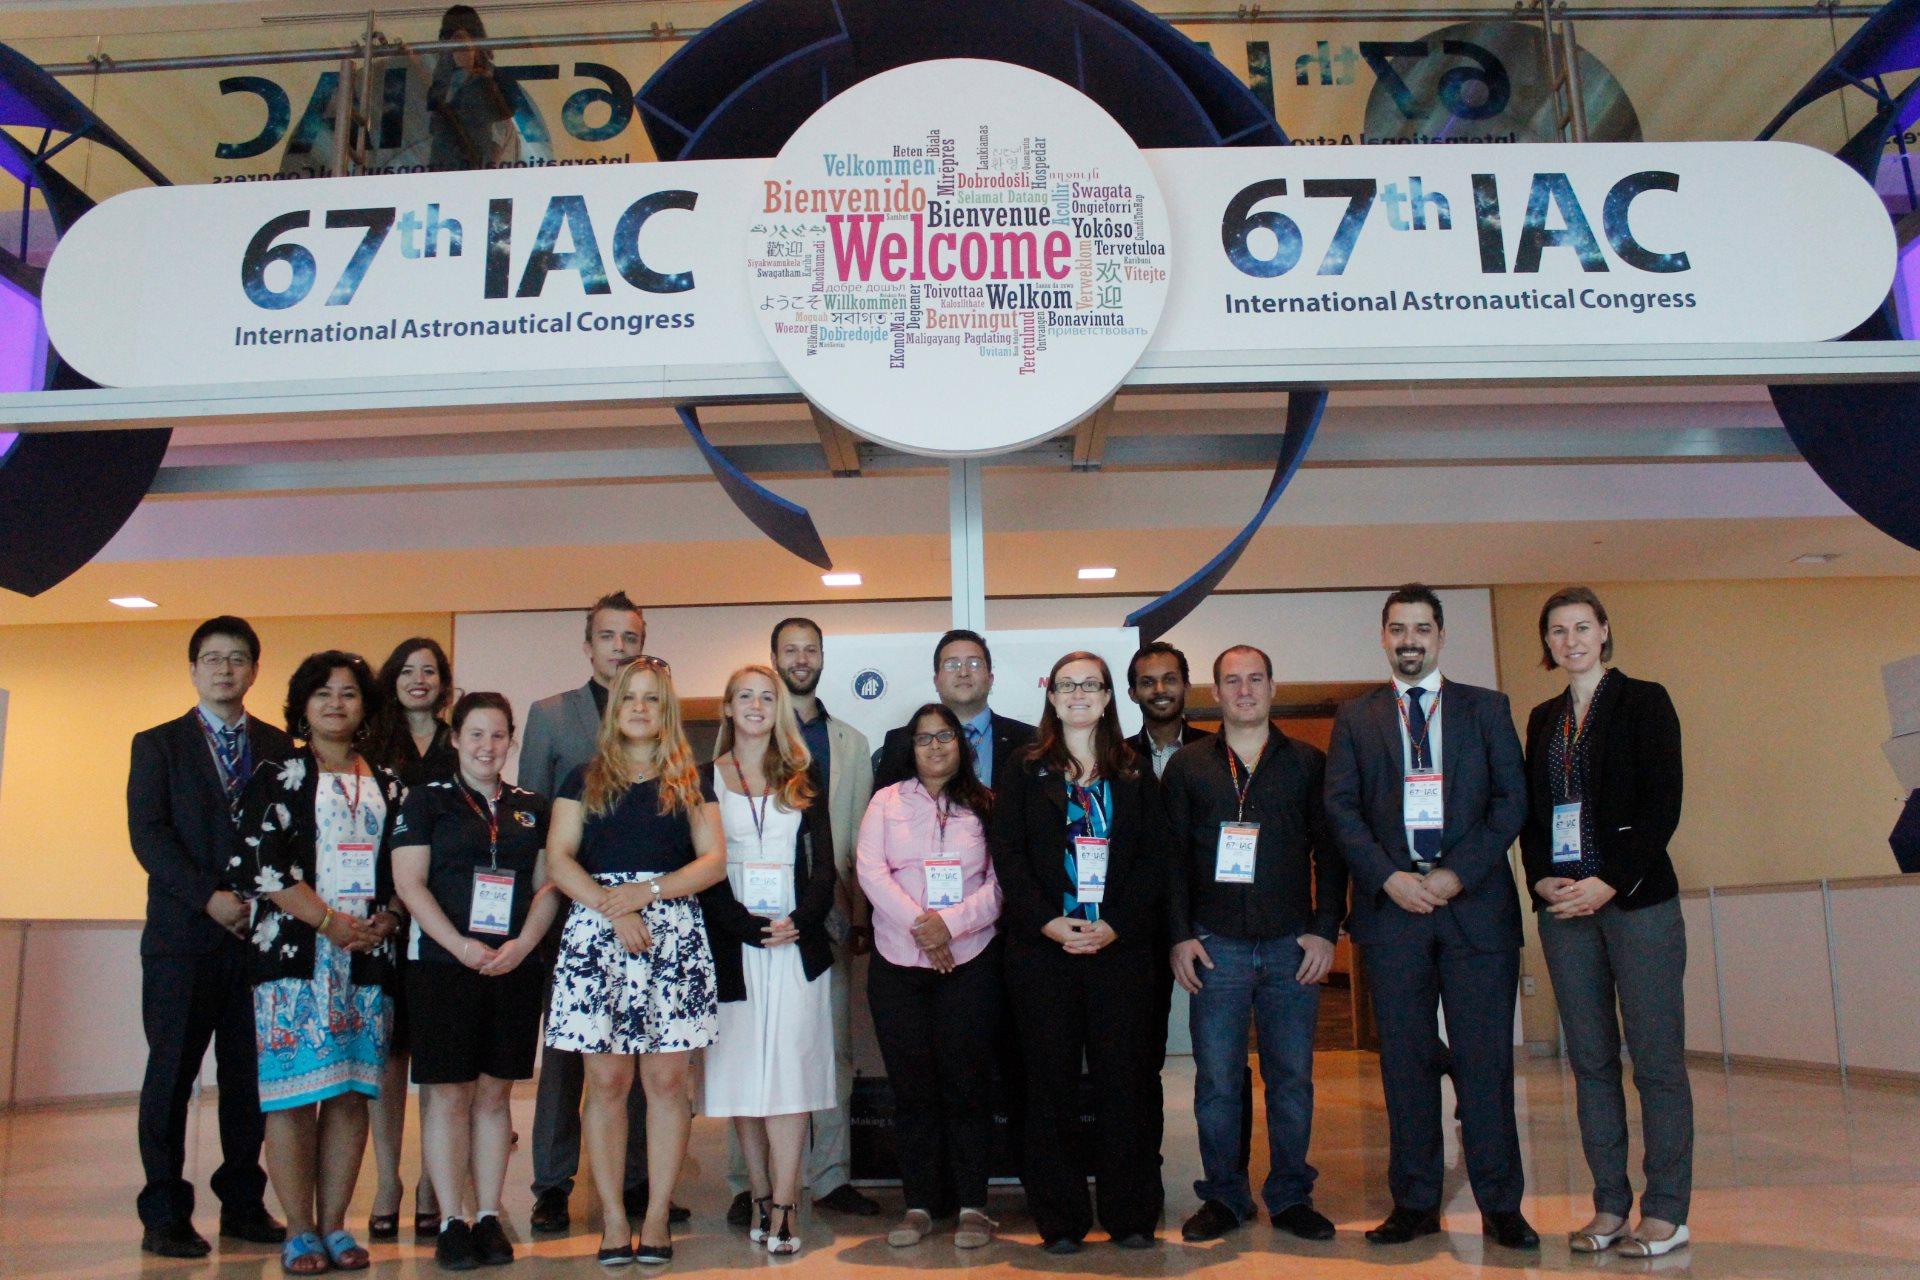 Obr.1: Držitelia prestížneho Emerging Space Leaders (ESL) grantu na konferencii IAC 2016 v Mexiku